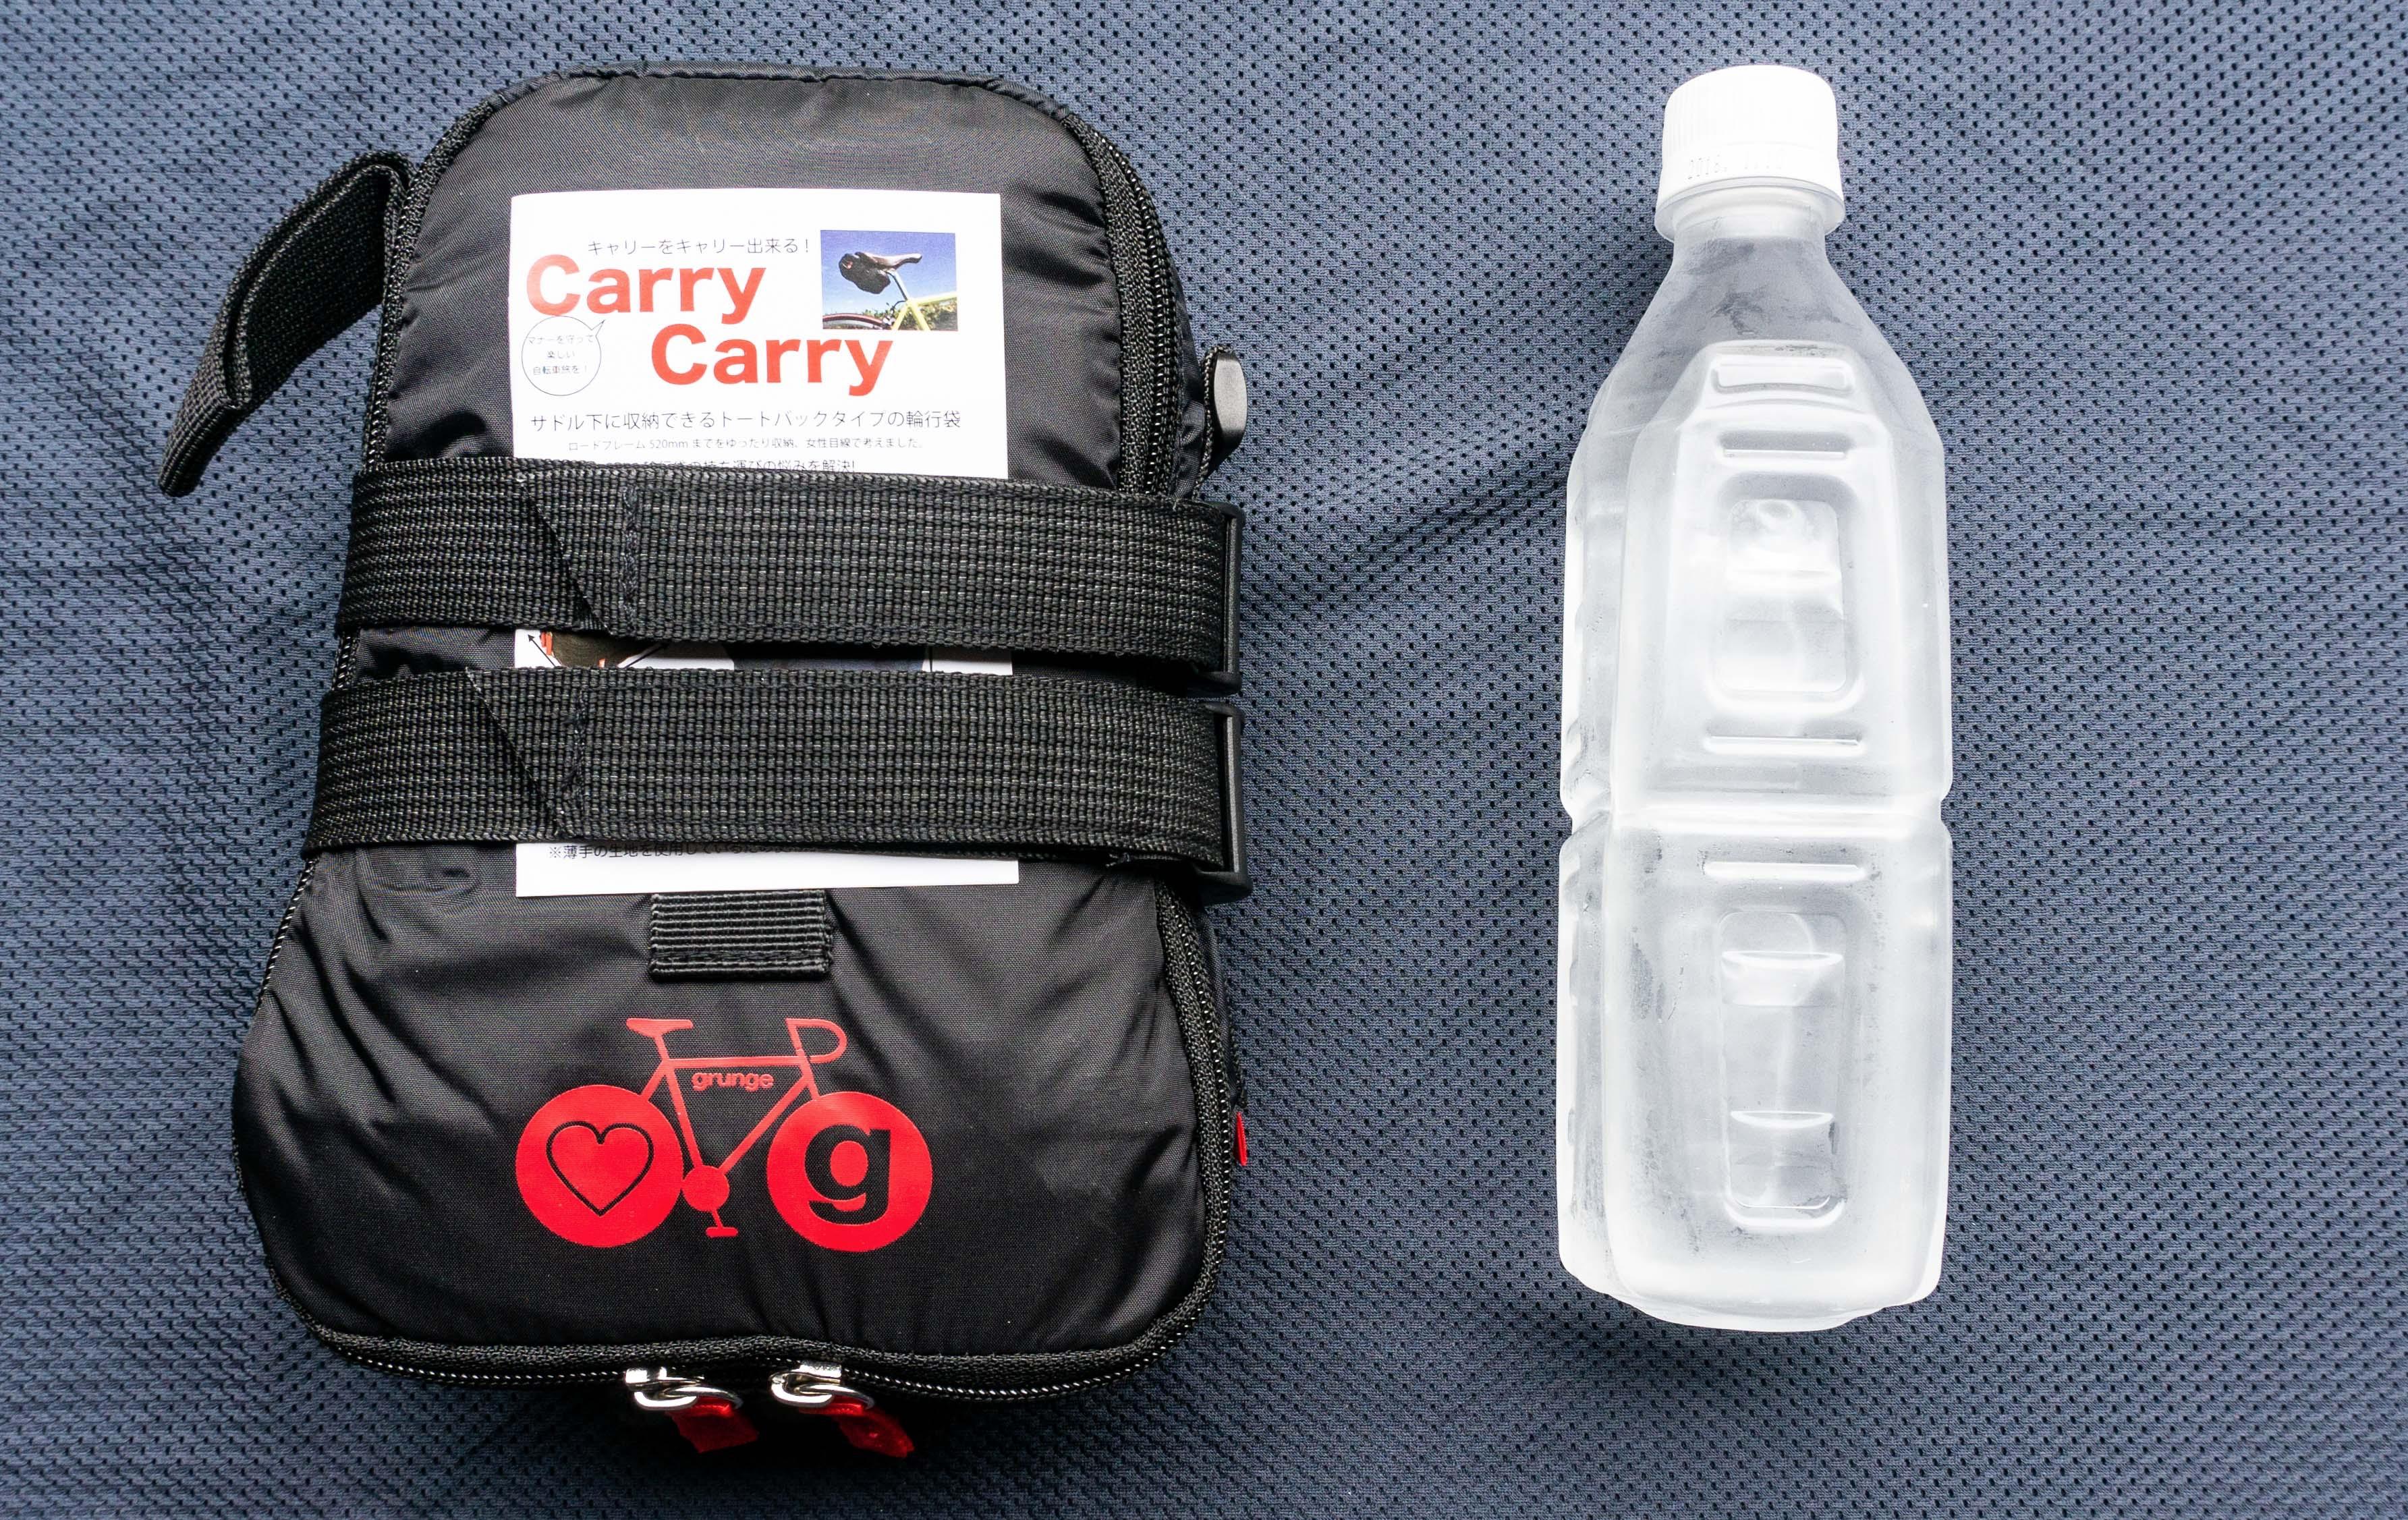 輪行バッグとペットボトルの大きさ